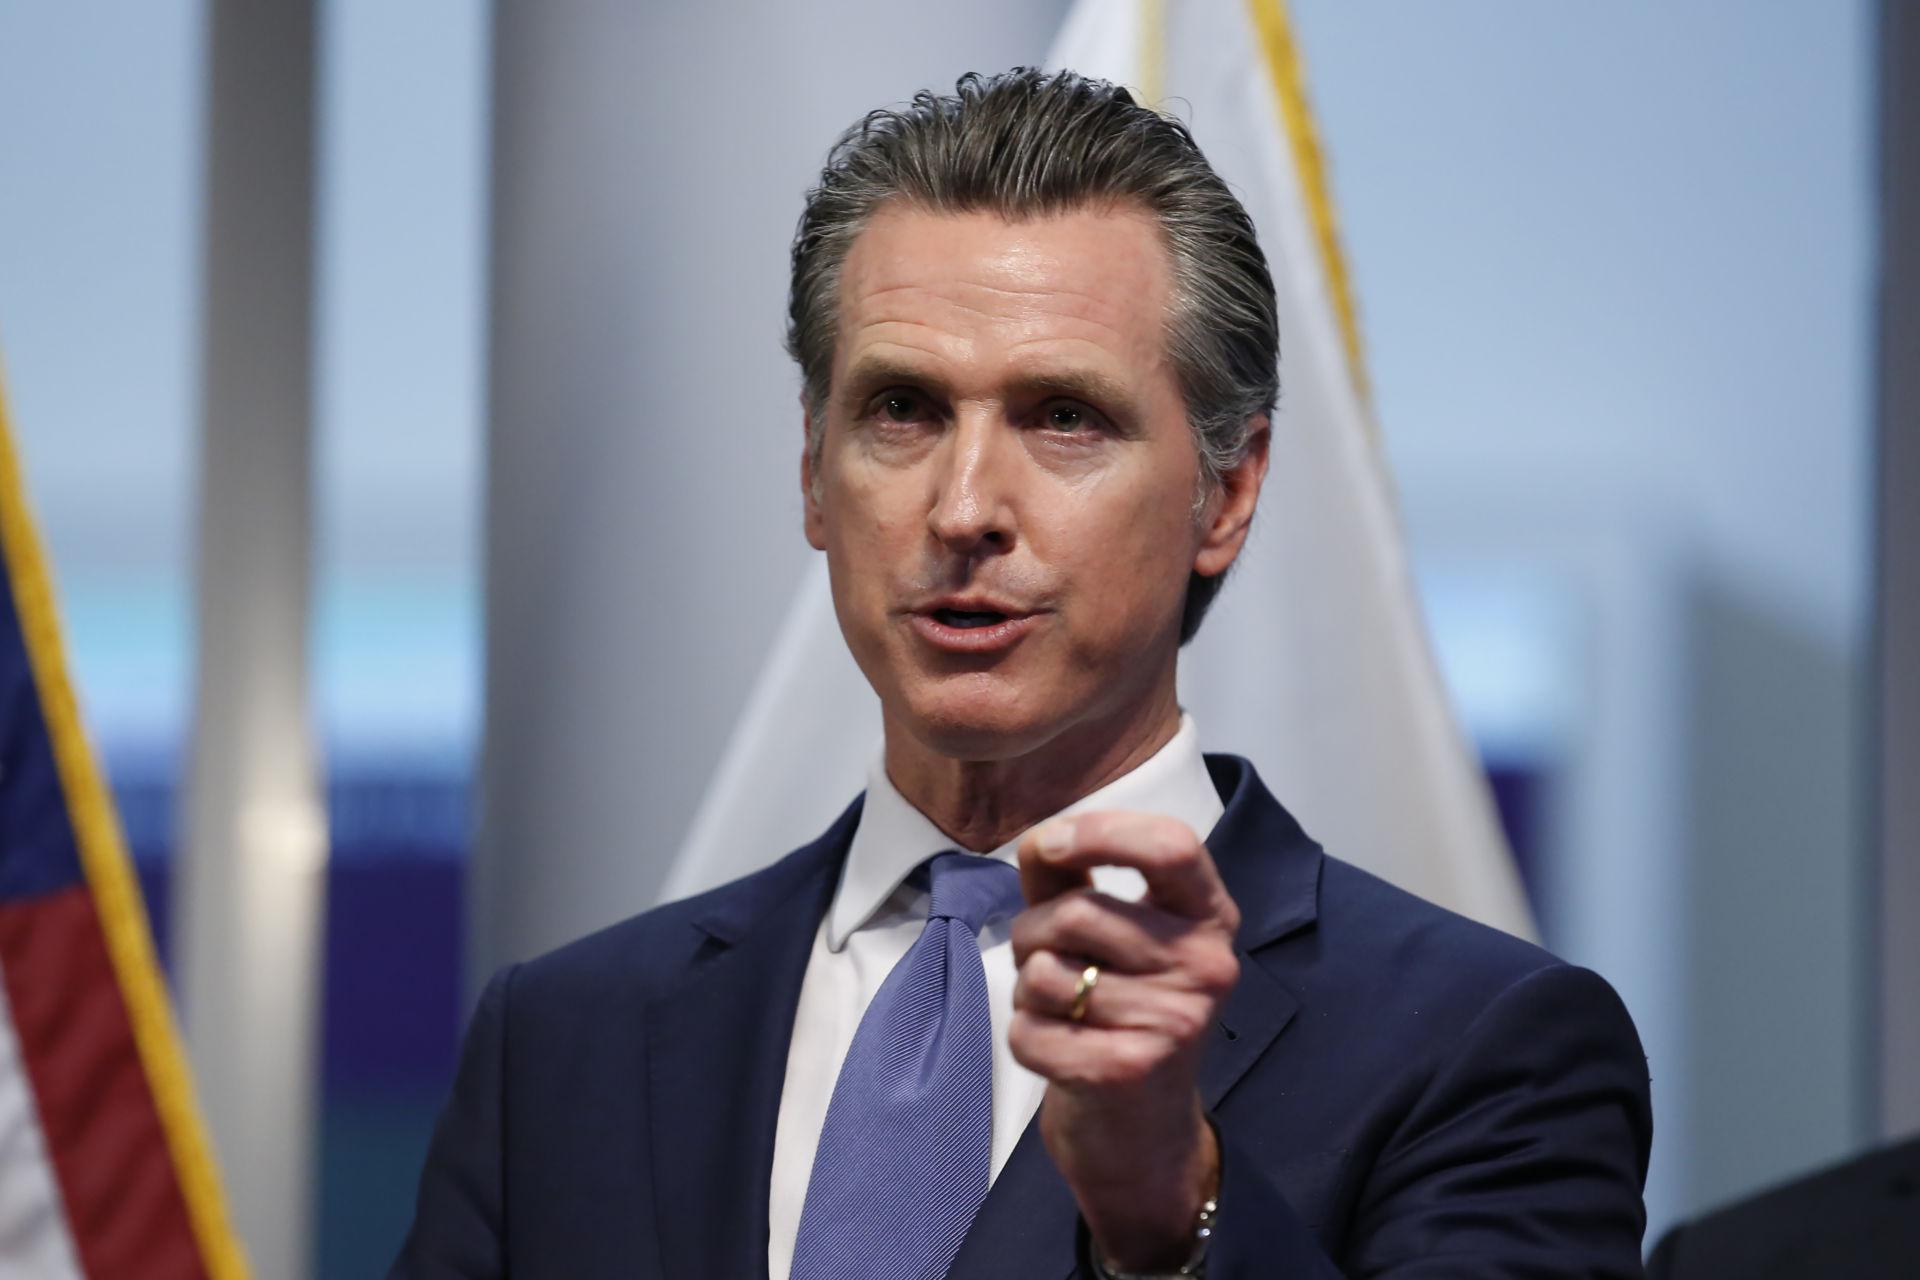 California Muốn Miễn Thi Cho Học Sinh Chờ Lien Bang Quyết định